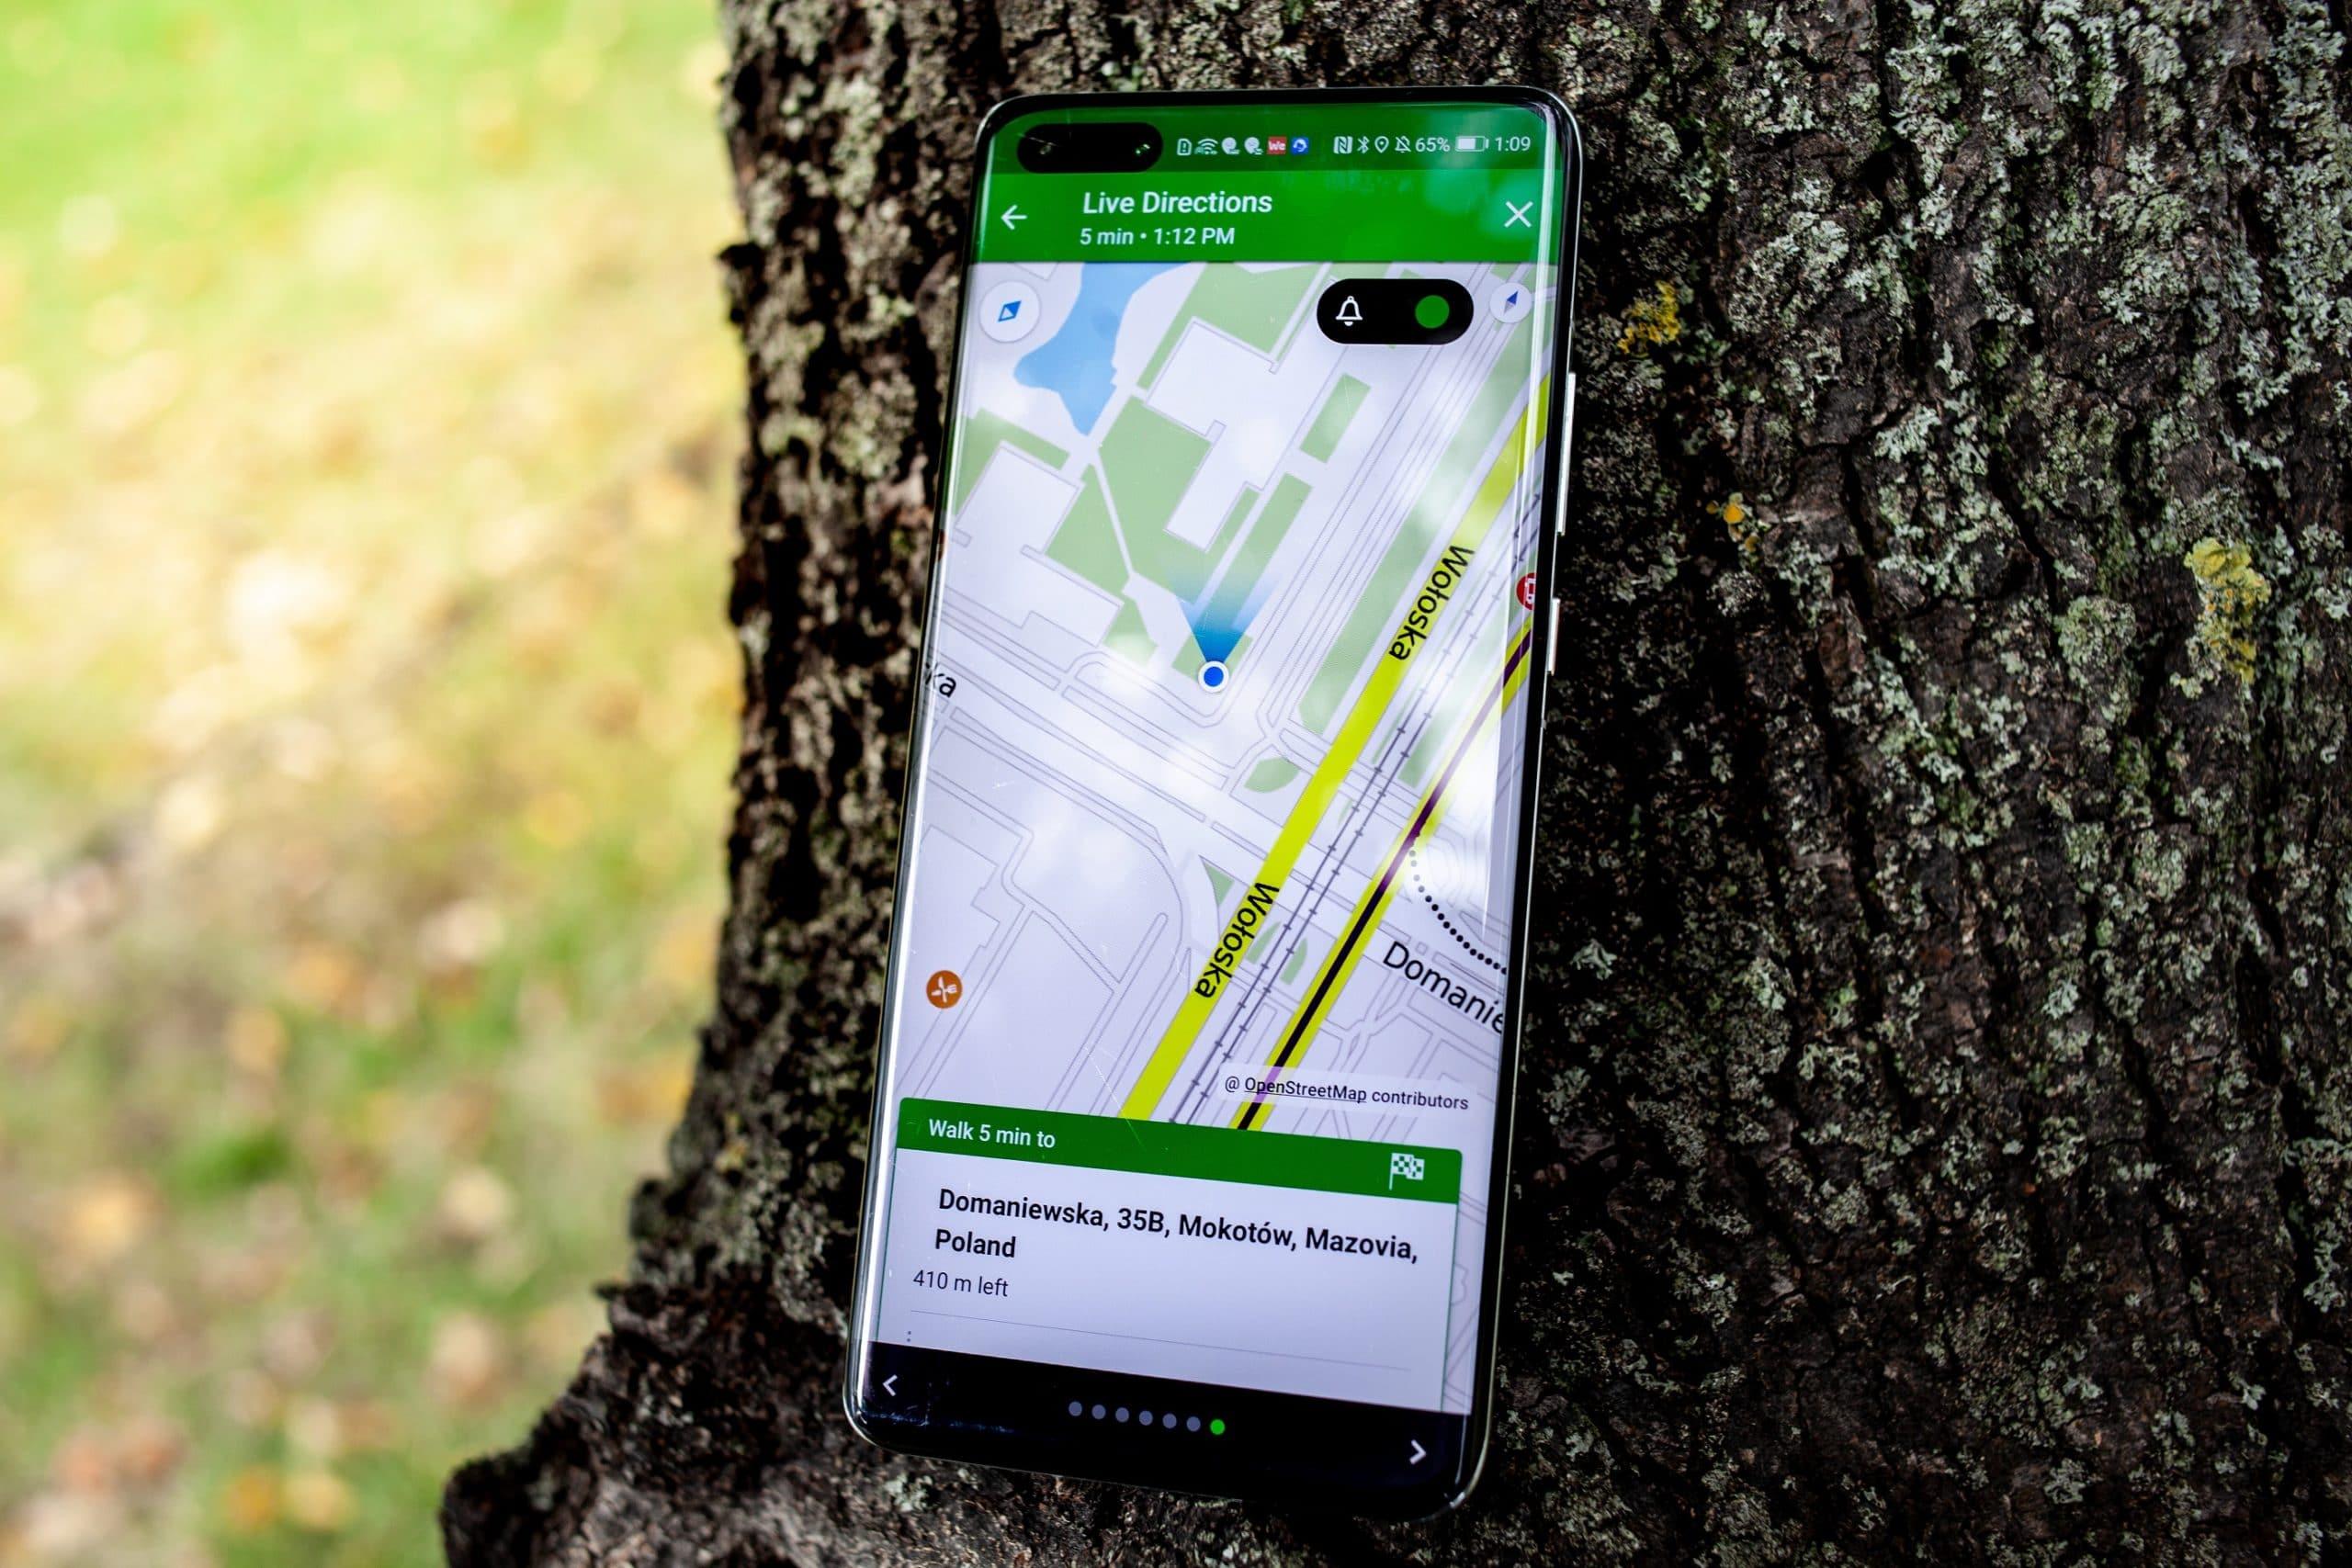 Nagradivana aplikacija Moovit odsad dostupna hrvatskim korisnicima u Huawei AppGallery trgovini 2 scaled